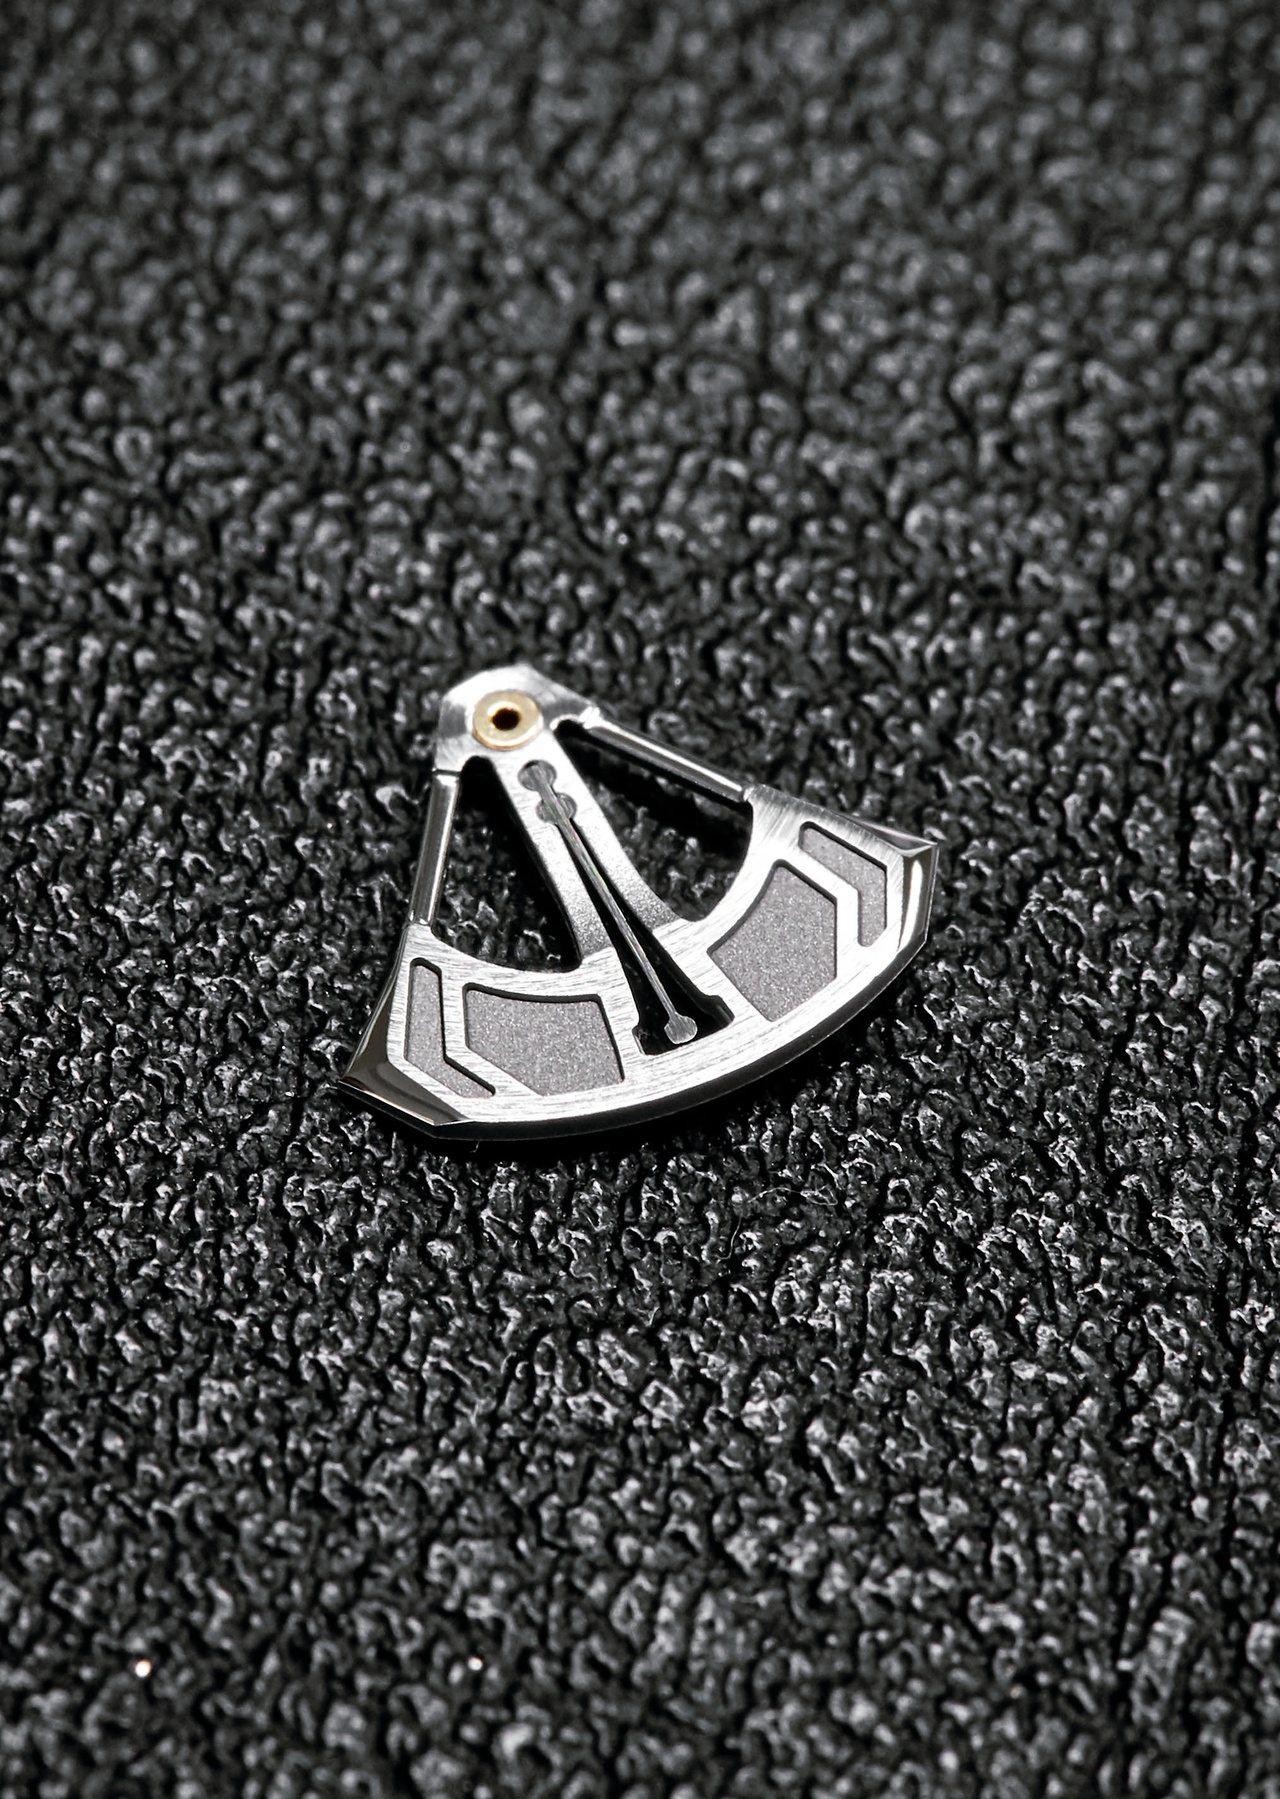 RM 62-01 ACJ陀飛輪振動鬧鈴腕表,採用了白金擺錘來創造「振動」效果。圖...